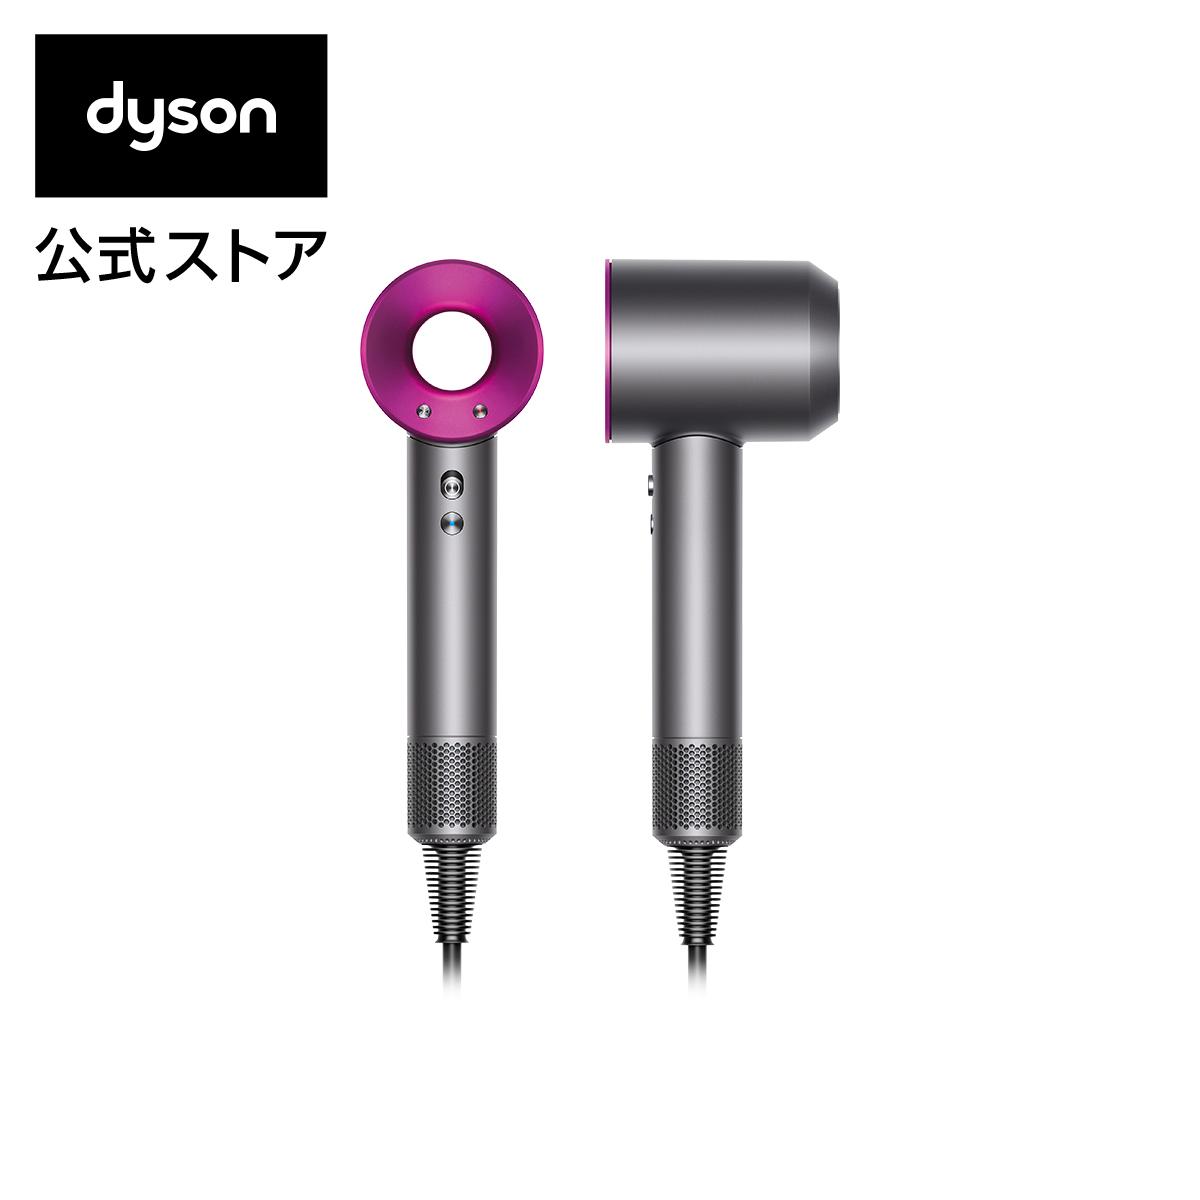 【収納スタンドプレゼント】ダイソン Dyson Supersonic Ionic (アイアン/フューシャ)HD03ULF IIF ヘアドライヤー ドライヤー